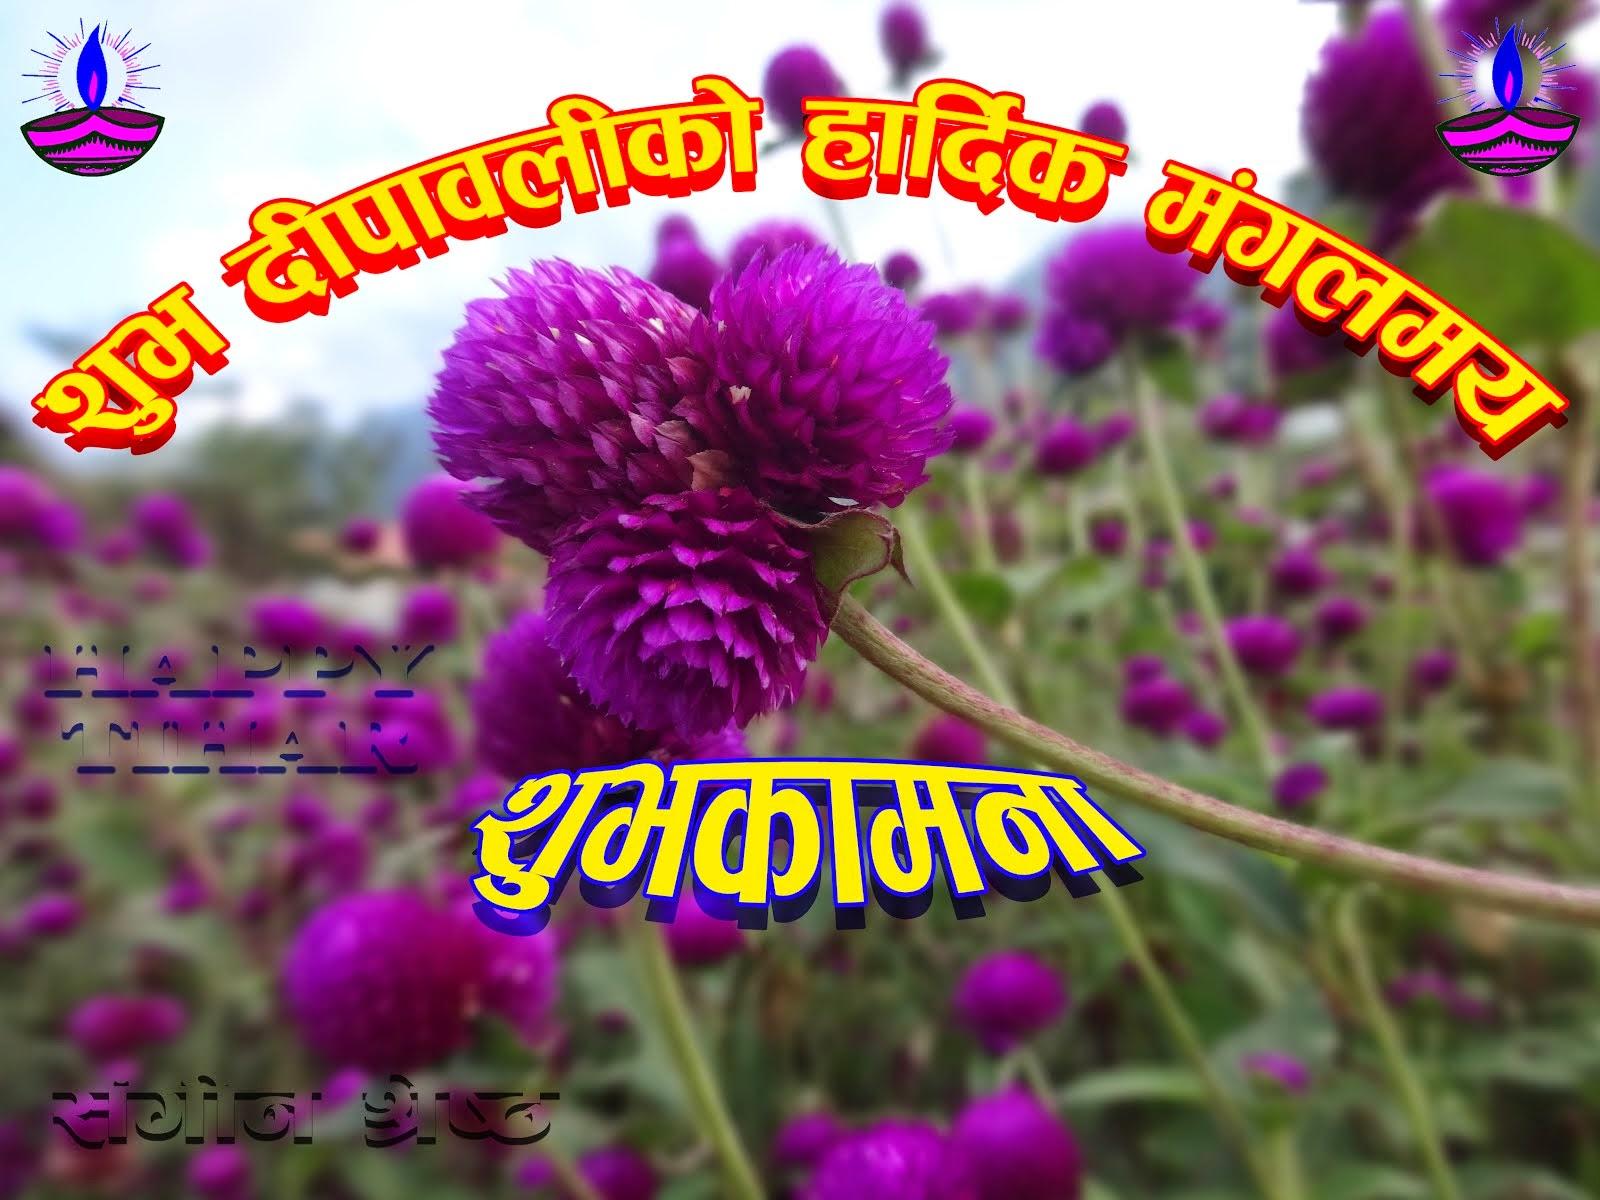 शुभ दीपावली, नेपाल सम्वत् ११३५ एवम् छठ पर्वको हार्दिक मंगलमय शुभकामना ।